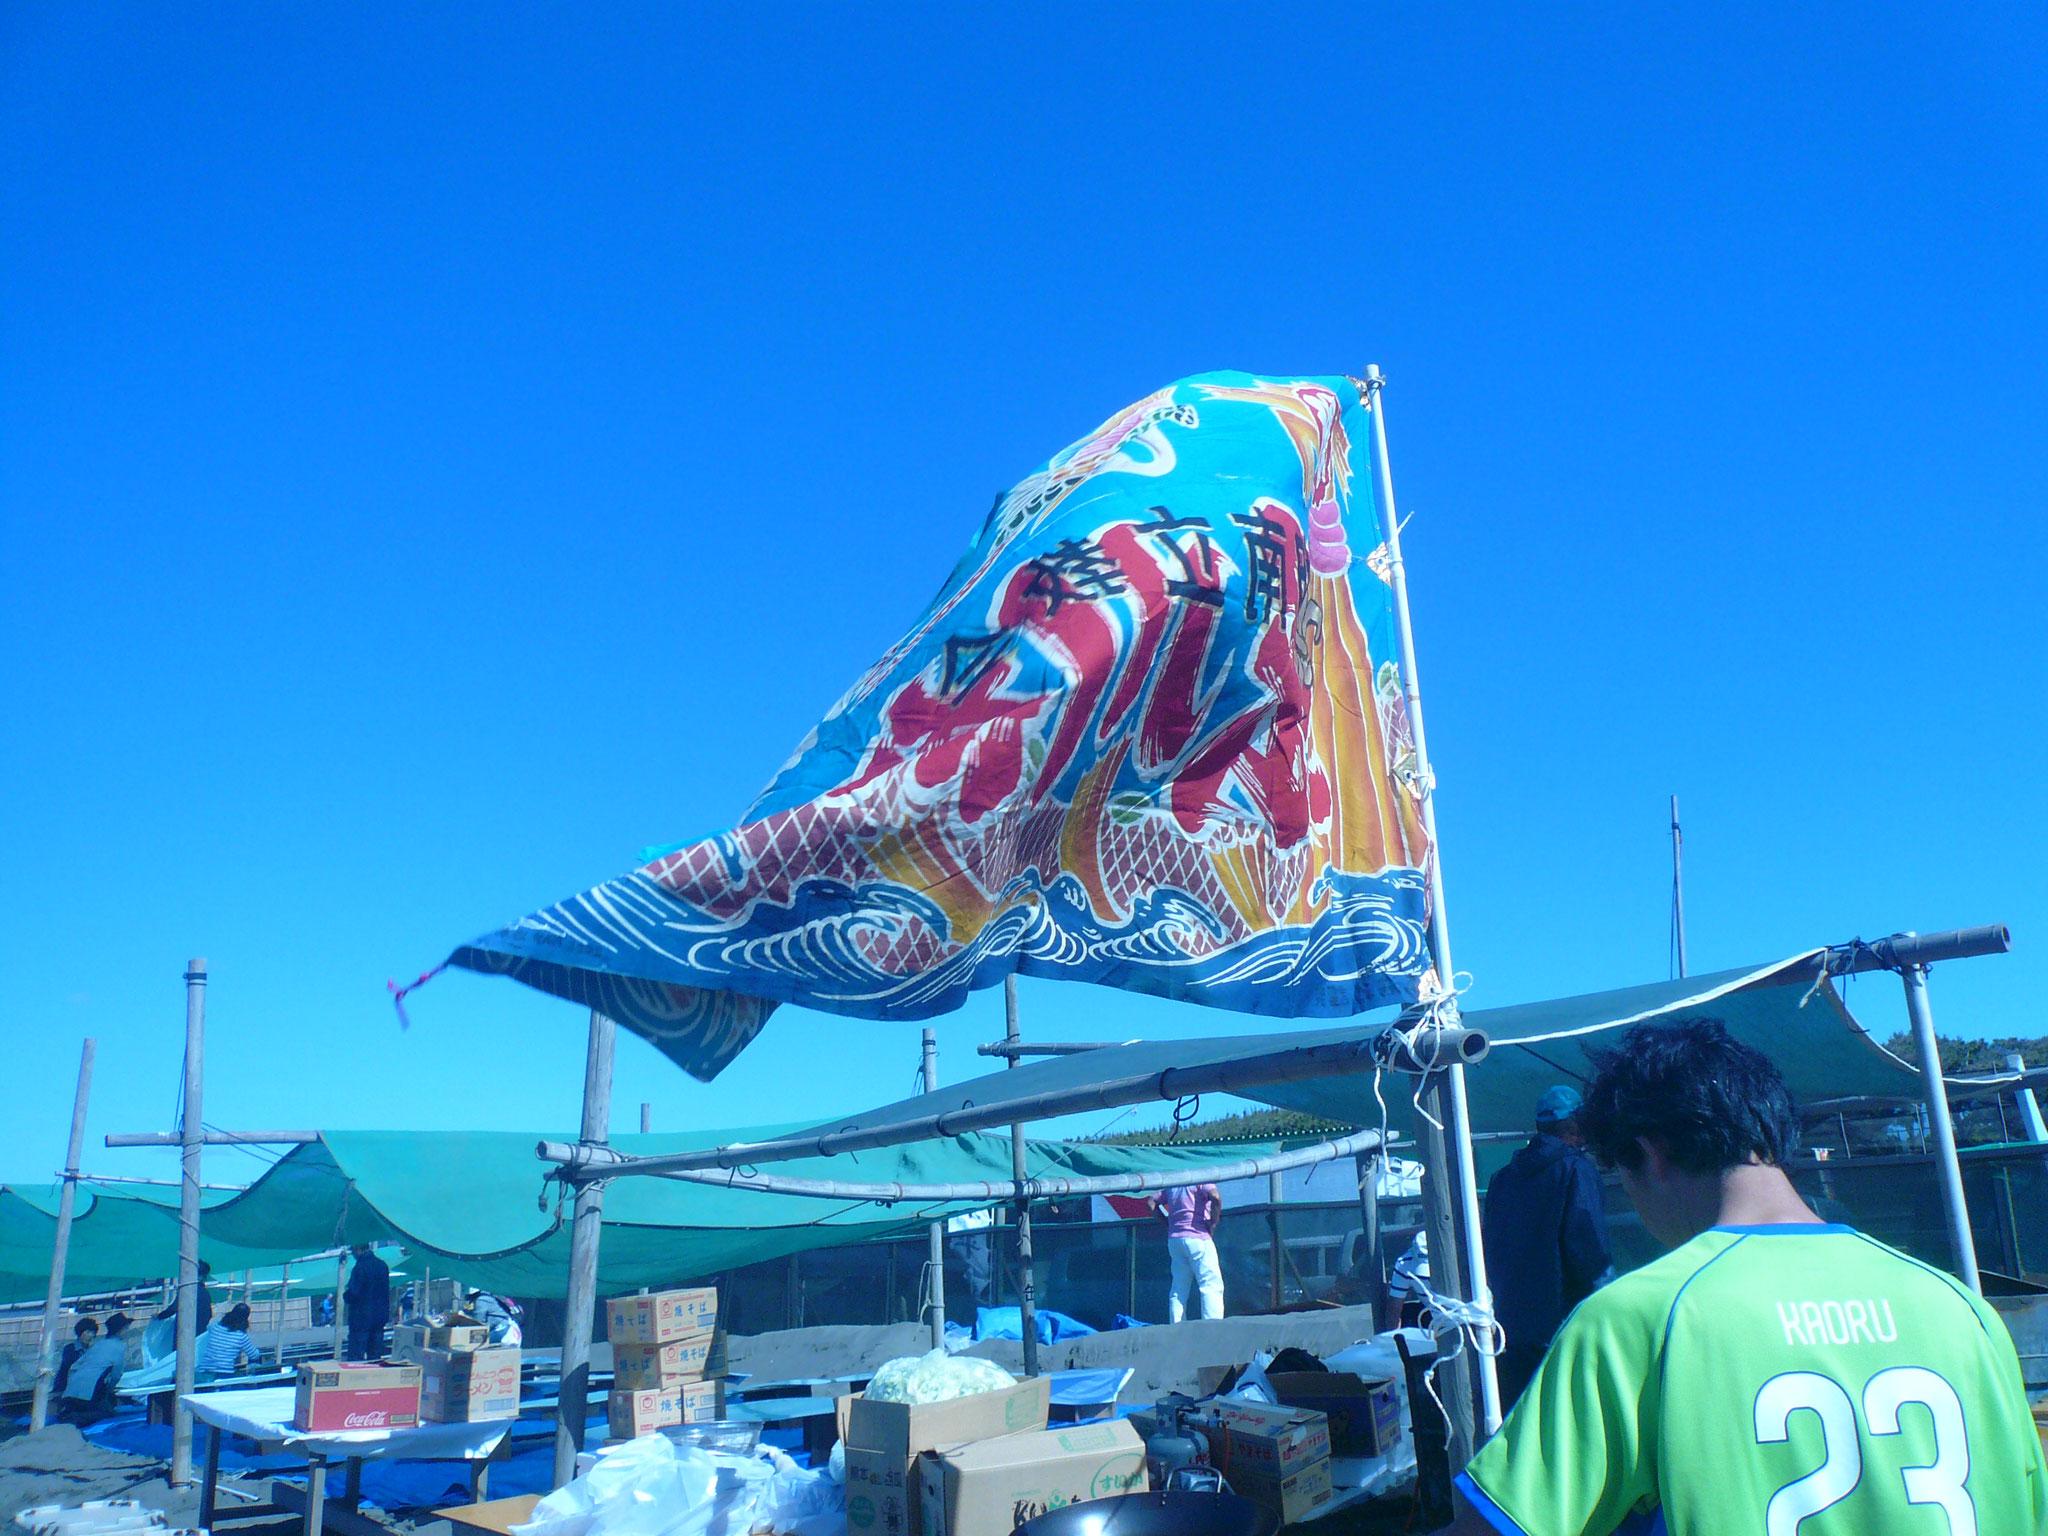 海岸につくと大漁旗がはためいていた